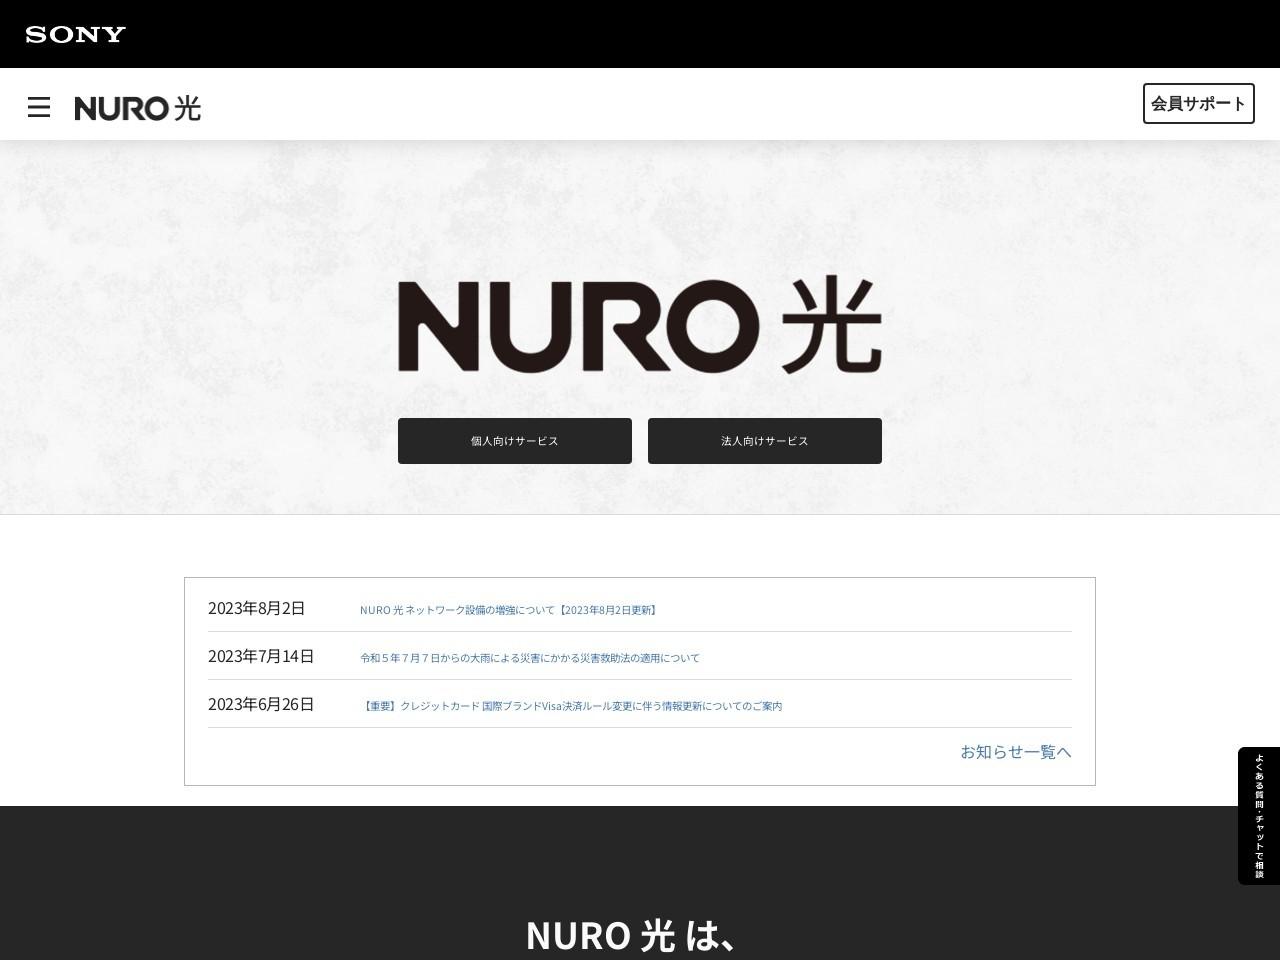 NURO 光 世界最速 光回線インターネット